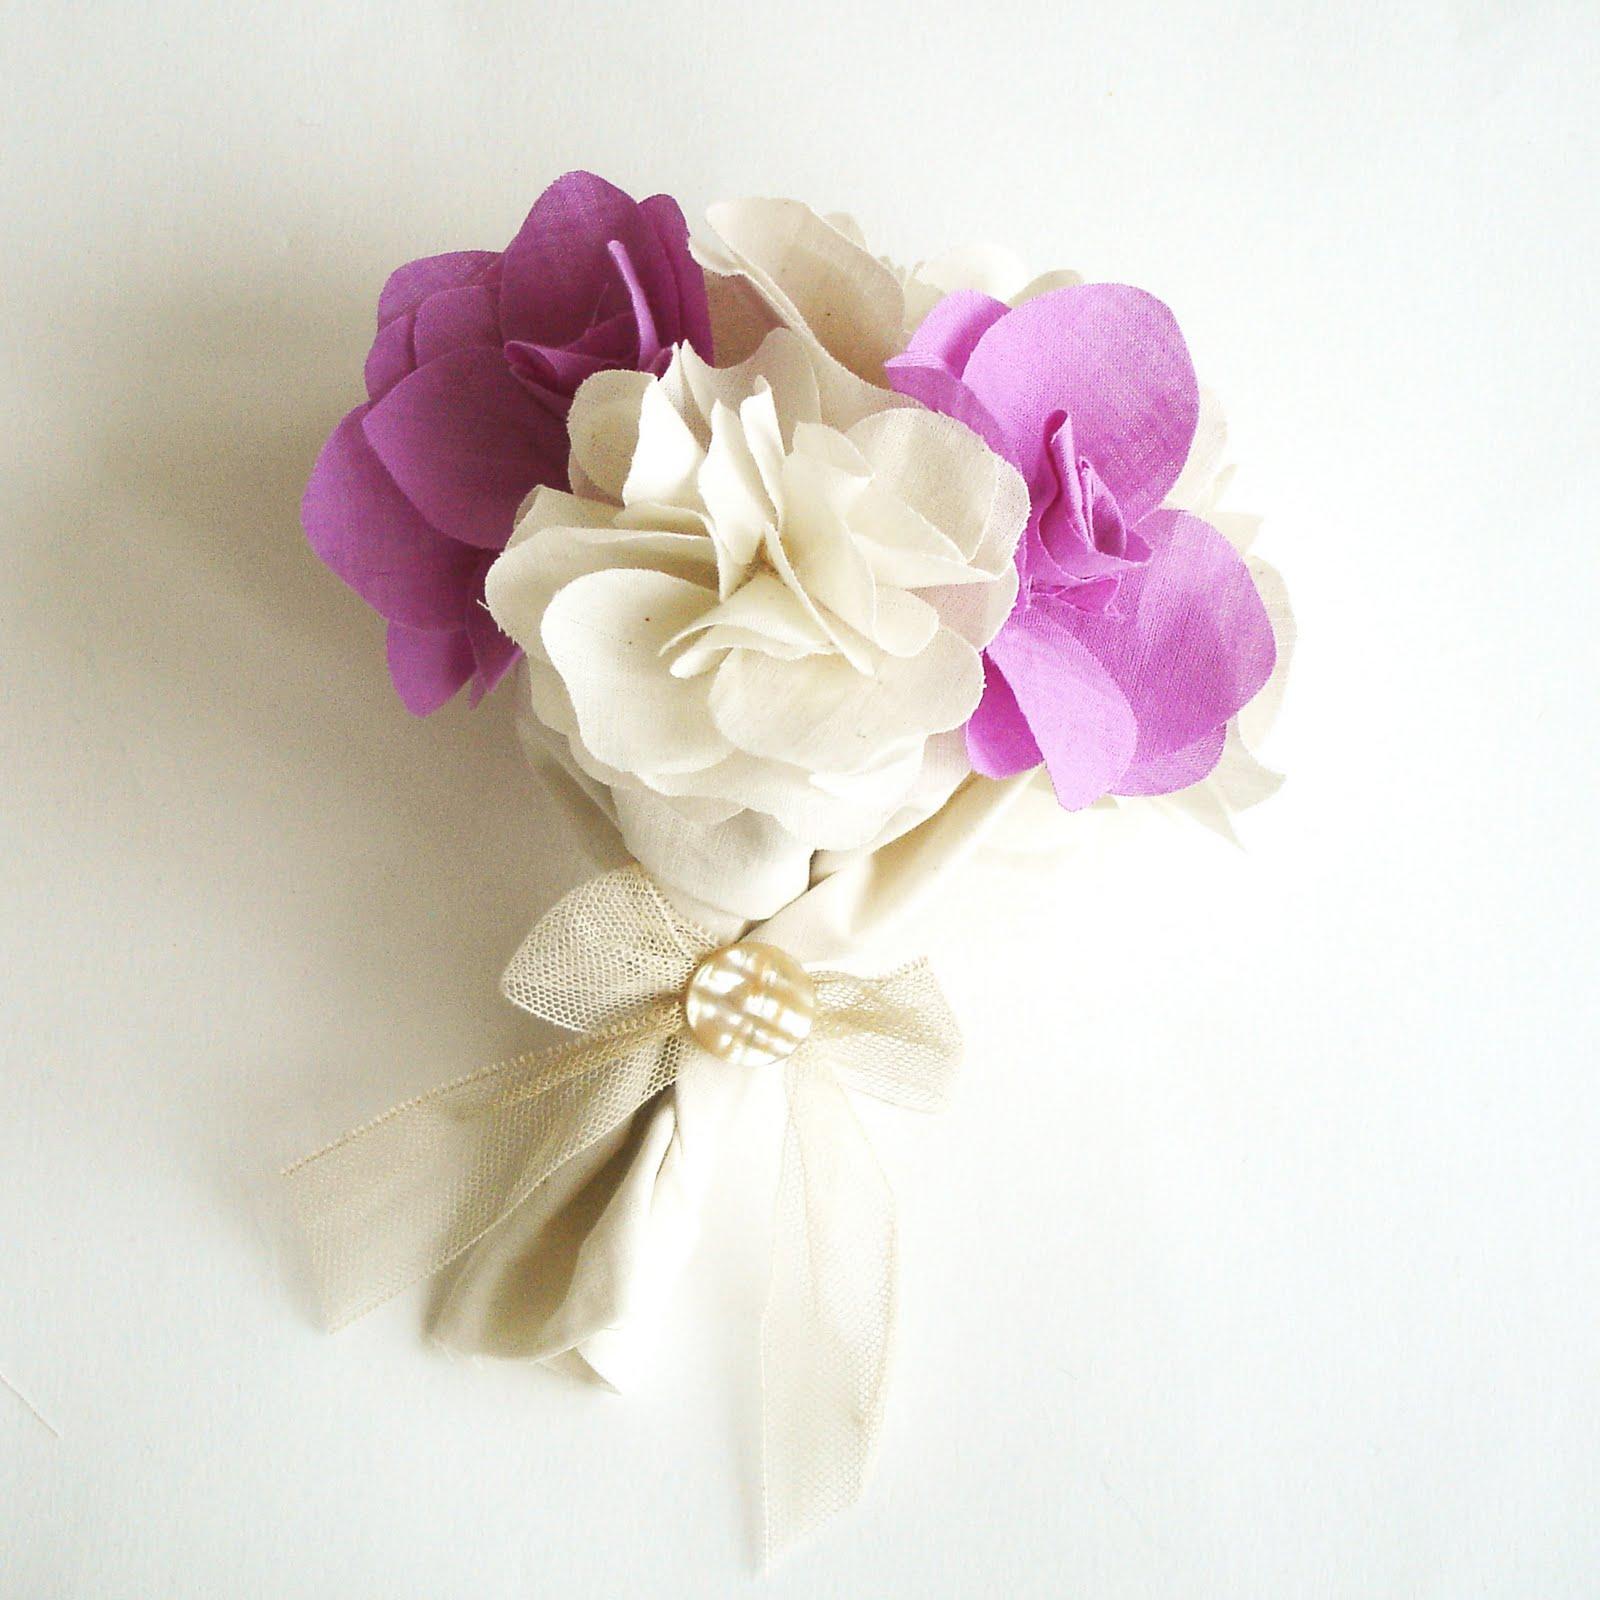 Fabric Flower Mini-Bouquet Workshop Details: | We Make London